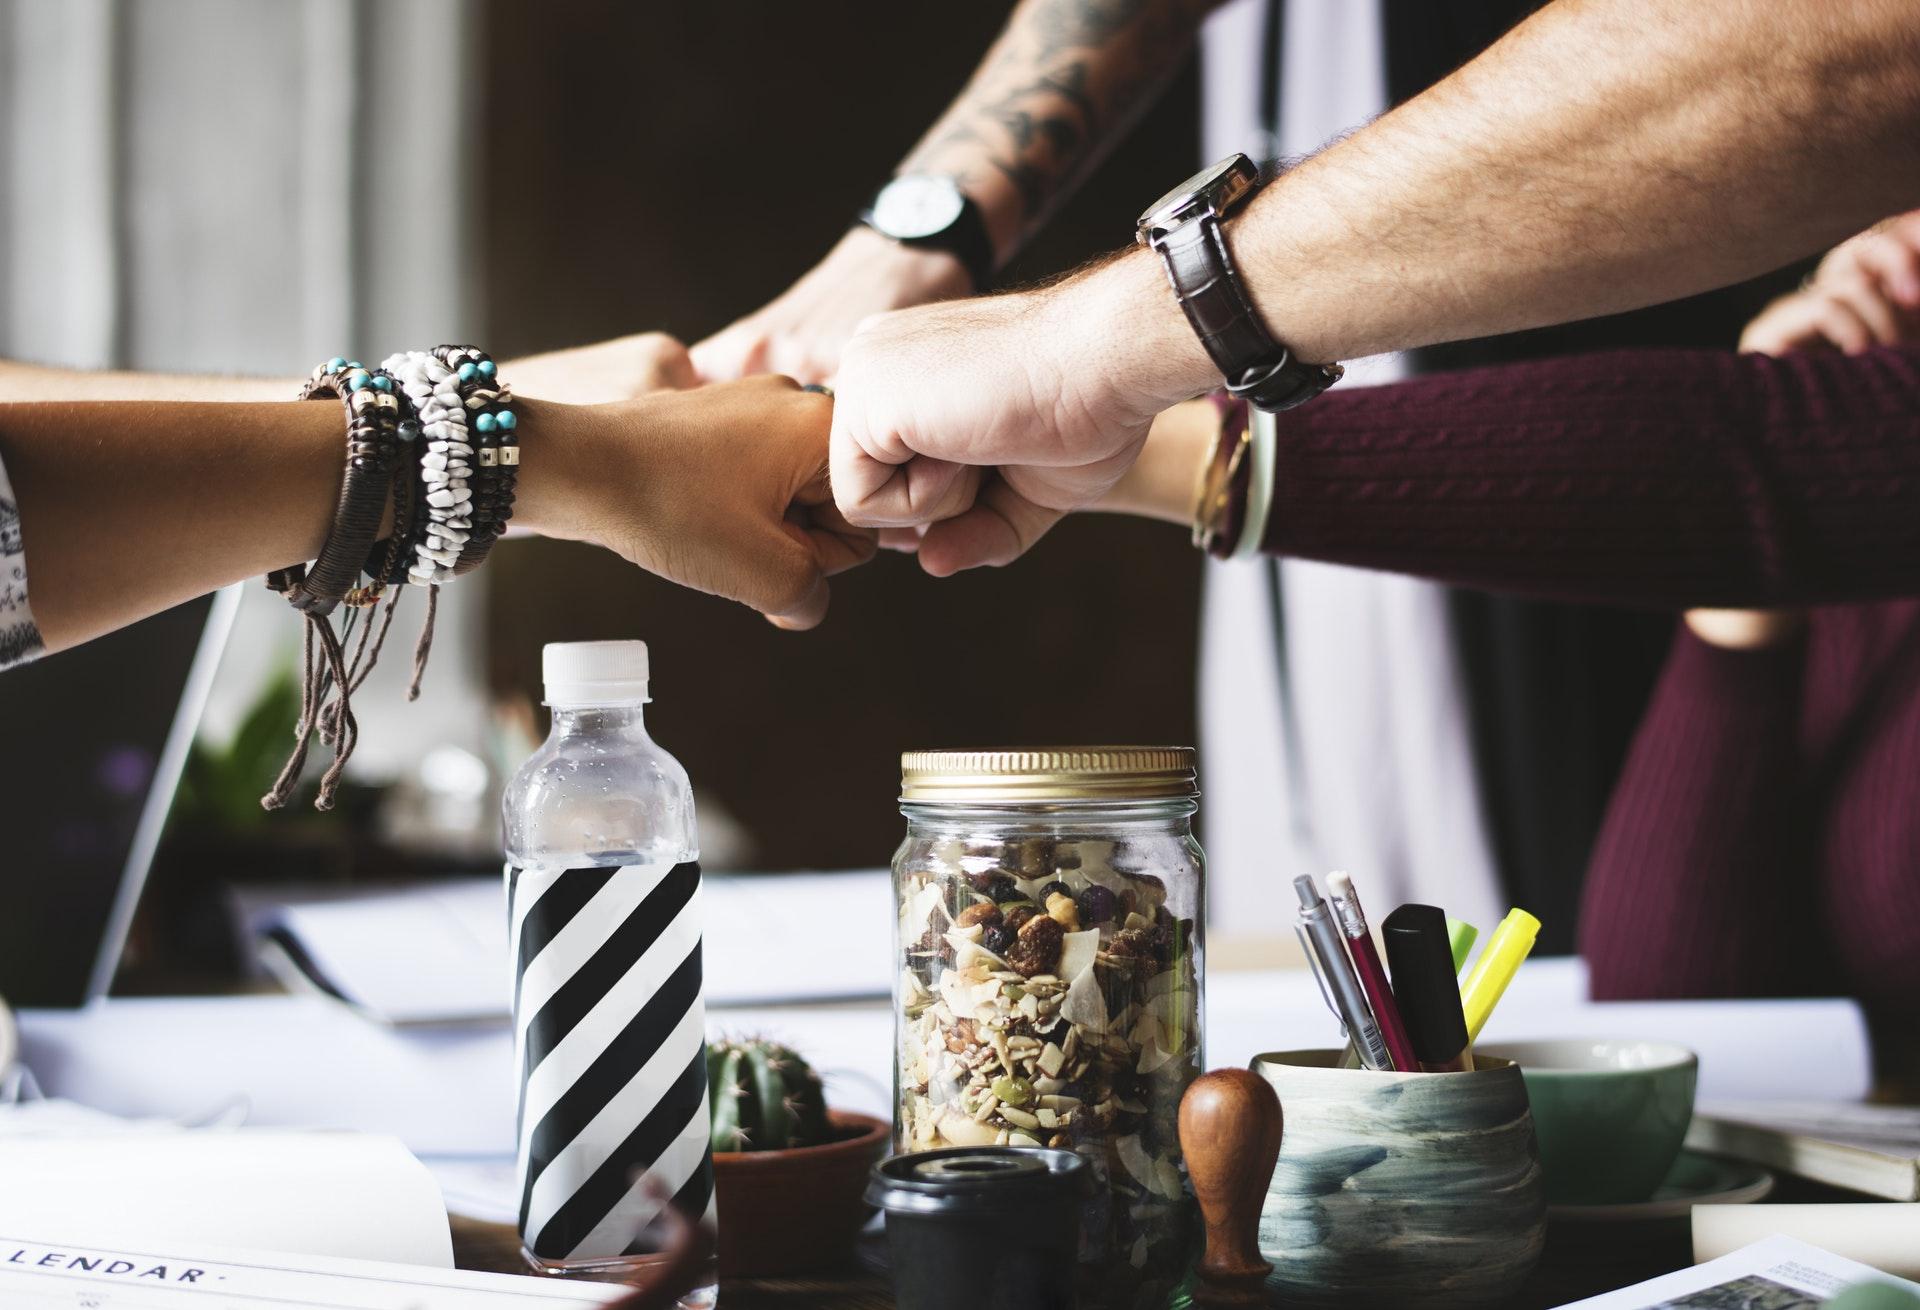 El trabajo en equipo es esencia para obtener mejores resultados.